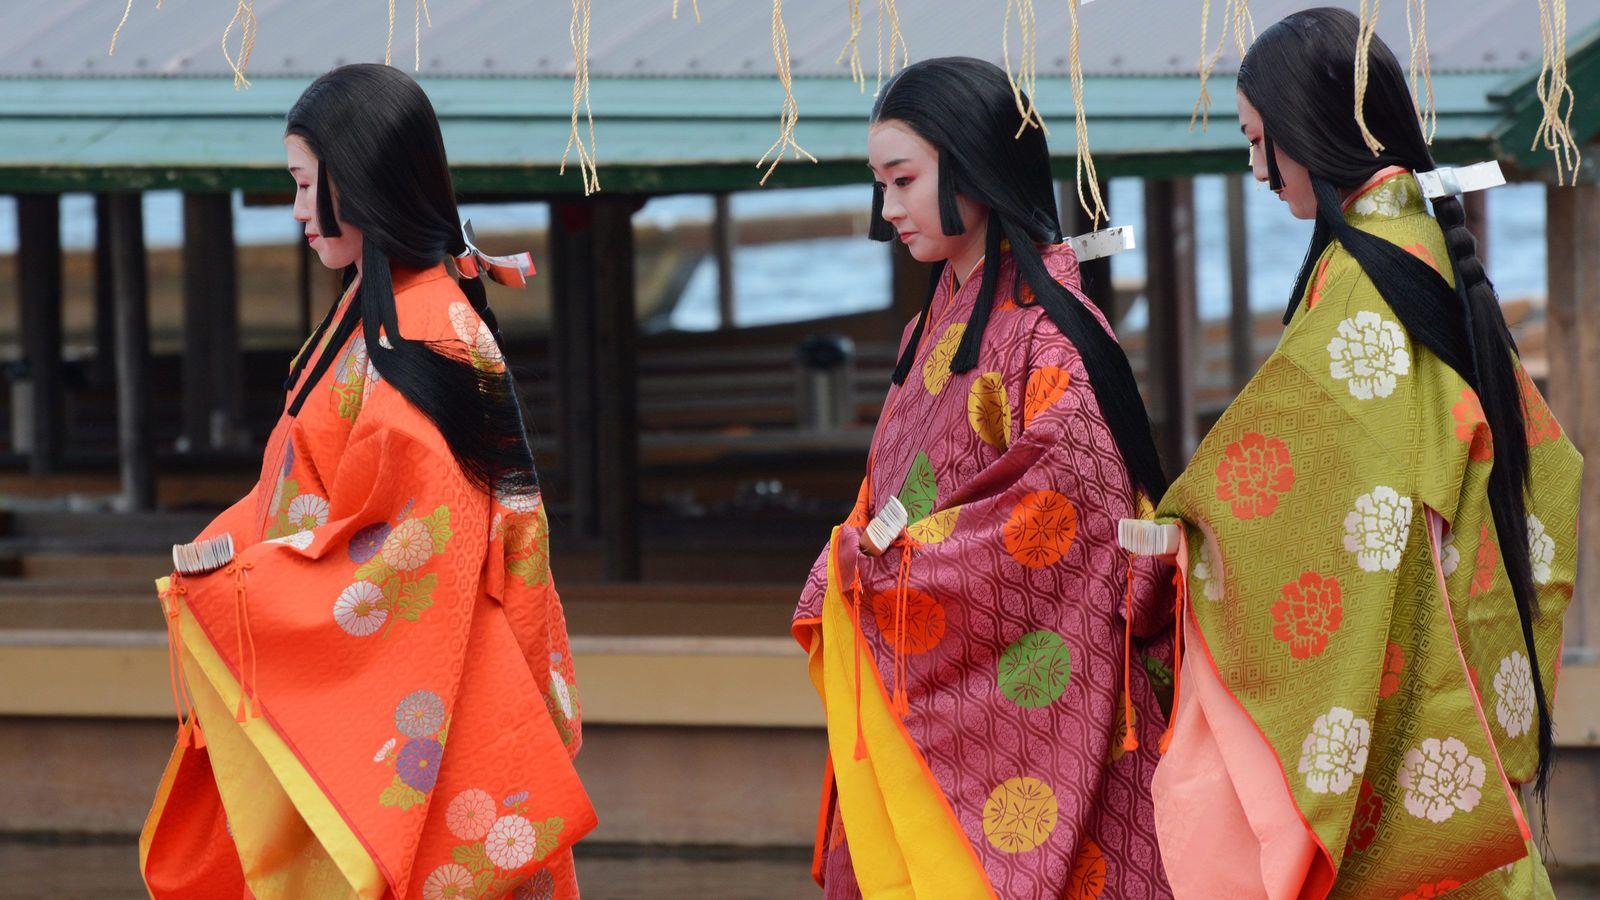 「親が誰かわからない」教科書には載らない日本の偉人の恋愛事情 「不倫は文化」が間違いとは言えない